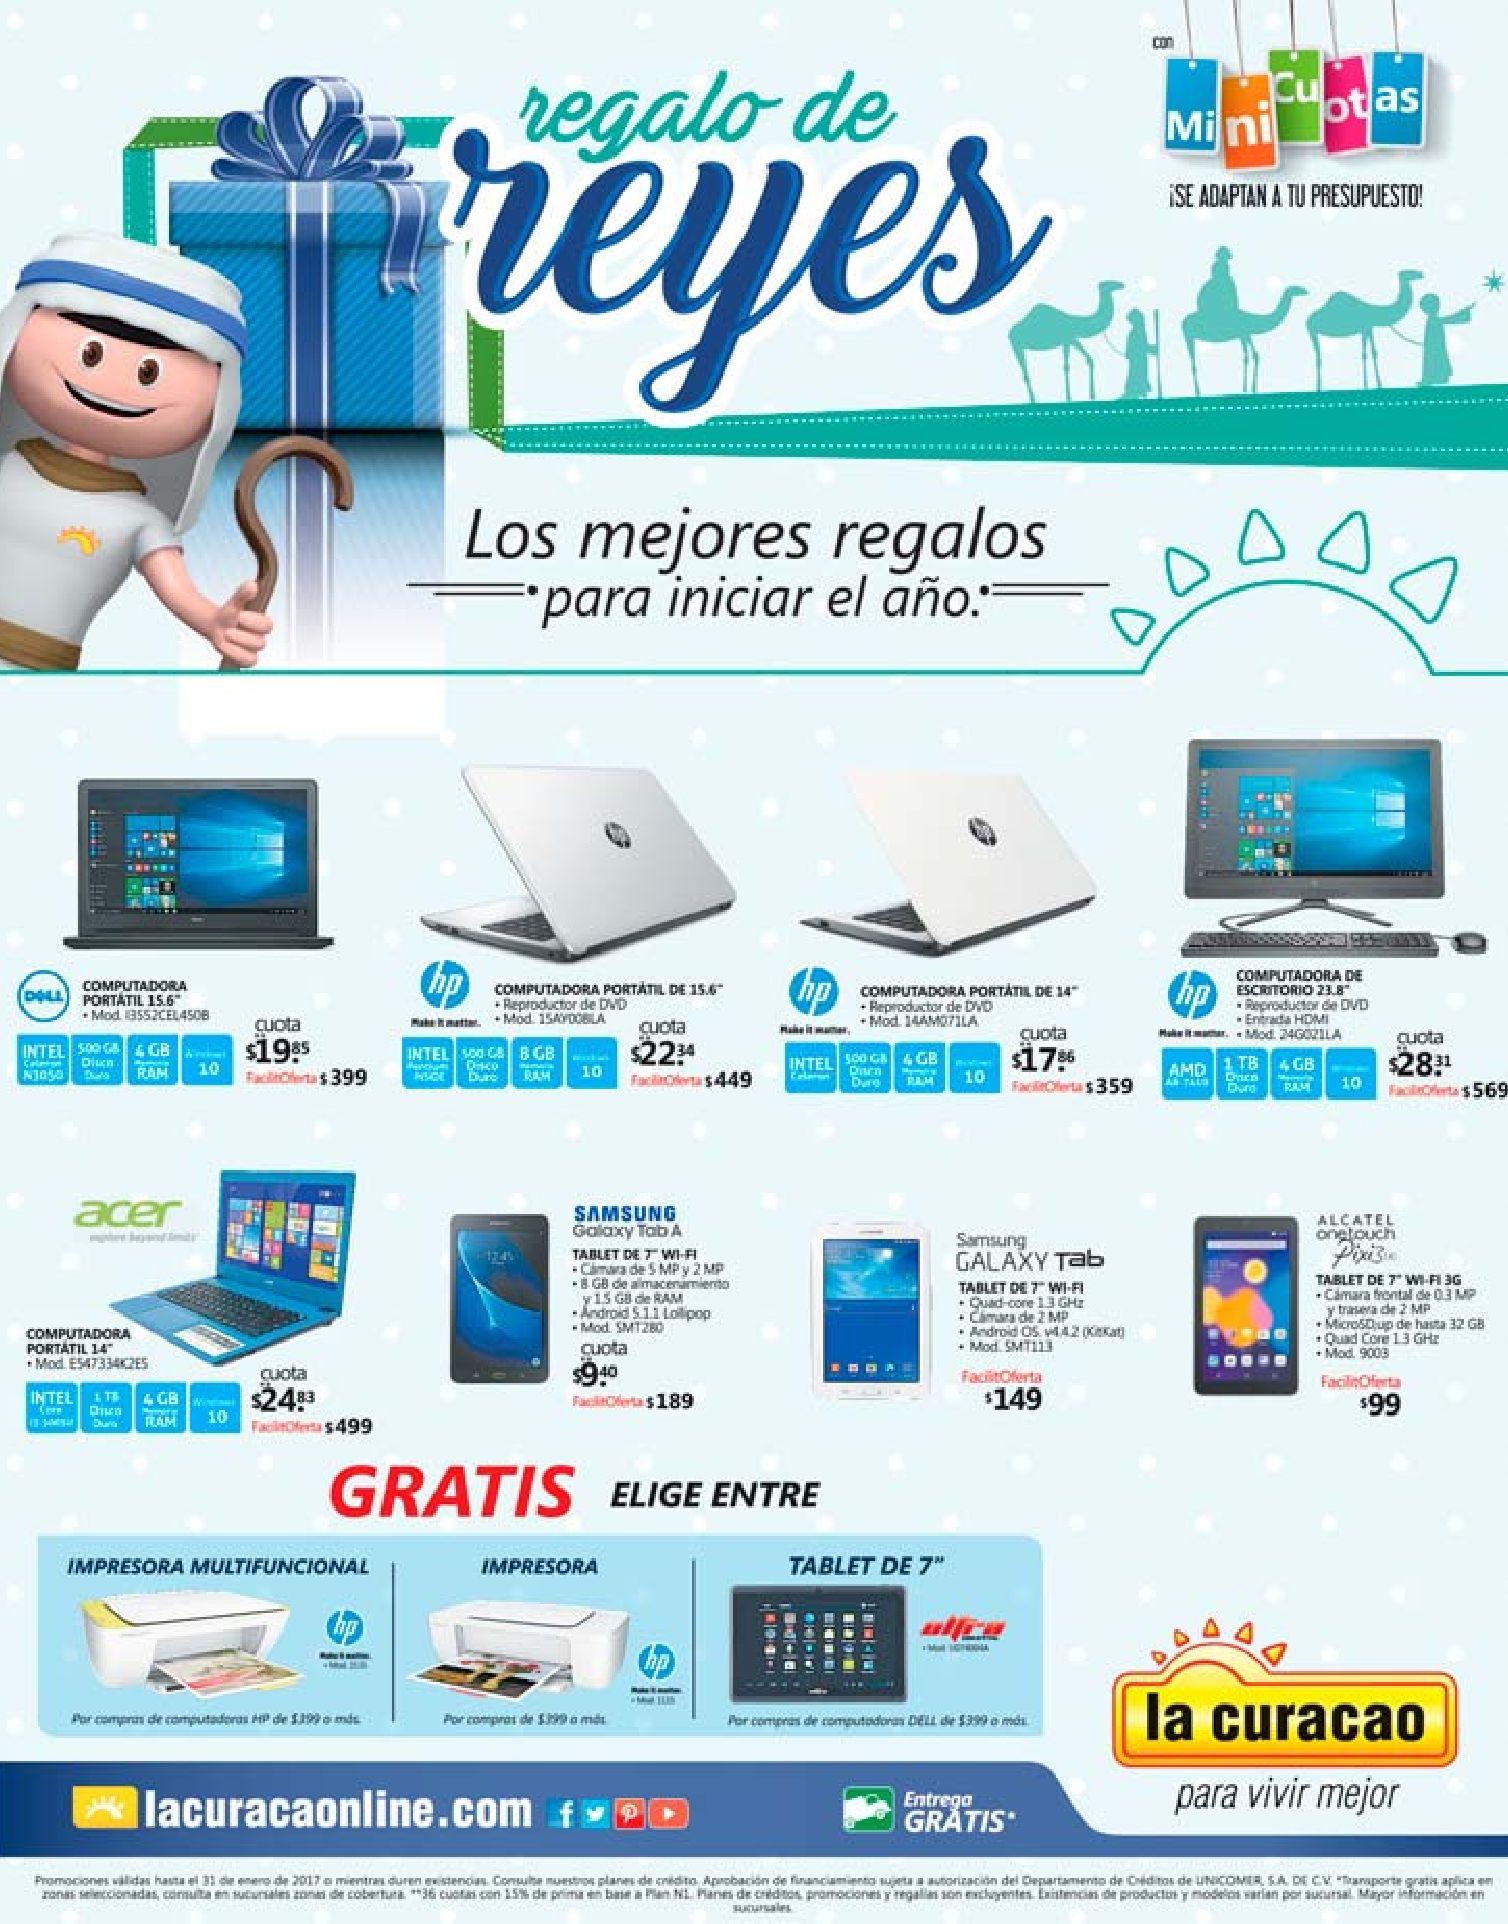 regalo-de-reyes-promociones-la-curacao-el-salvador-06en17